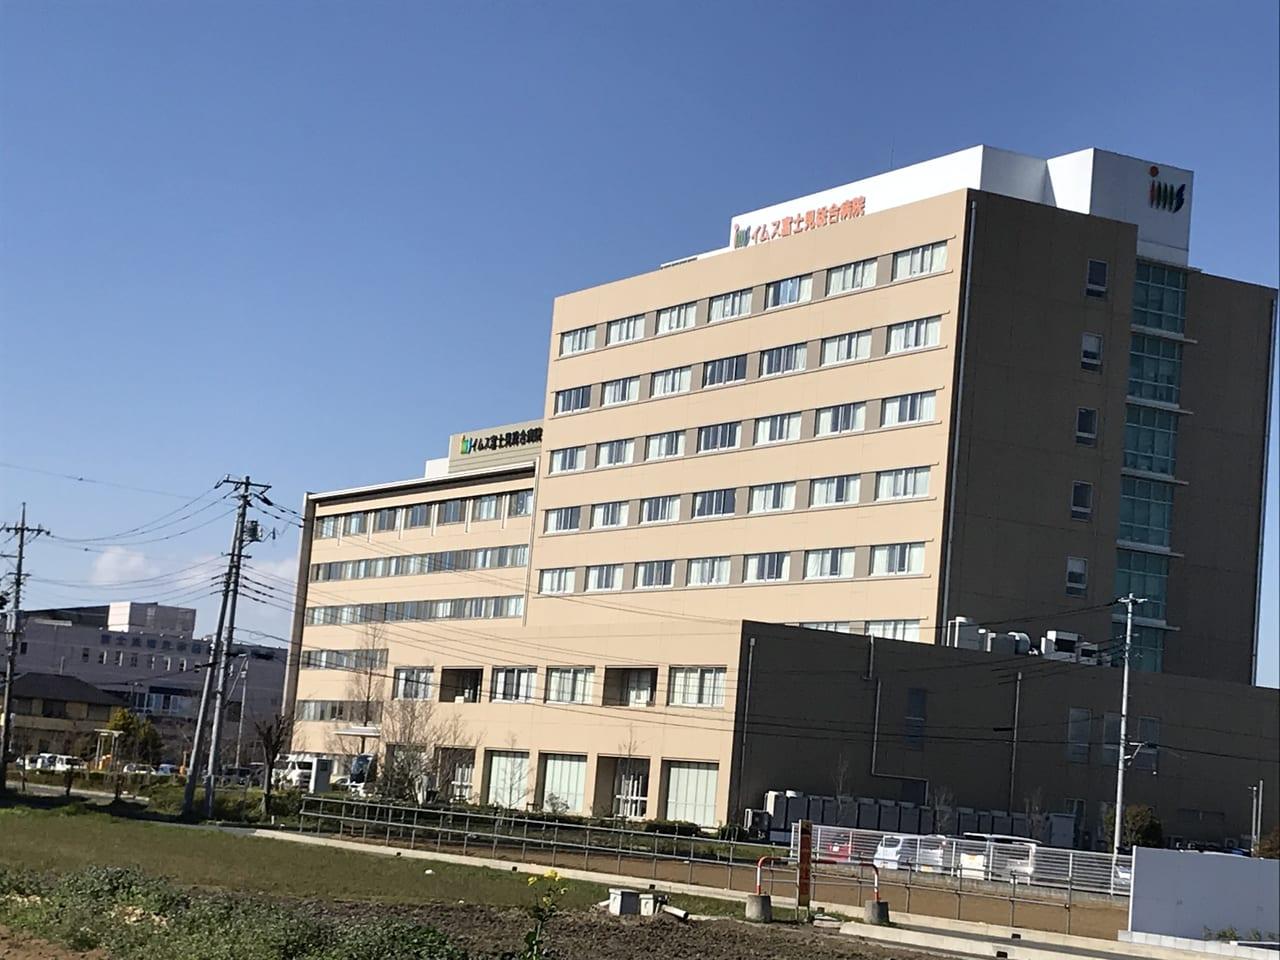 イムス 富士見 総合 病院 イムス富士見総合病院 看護部サイト